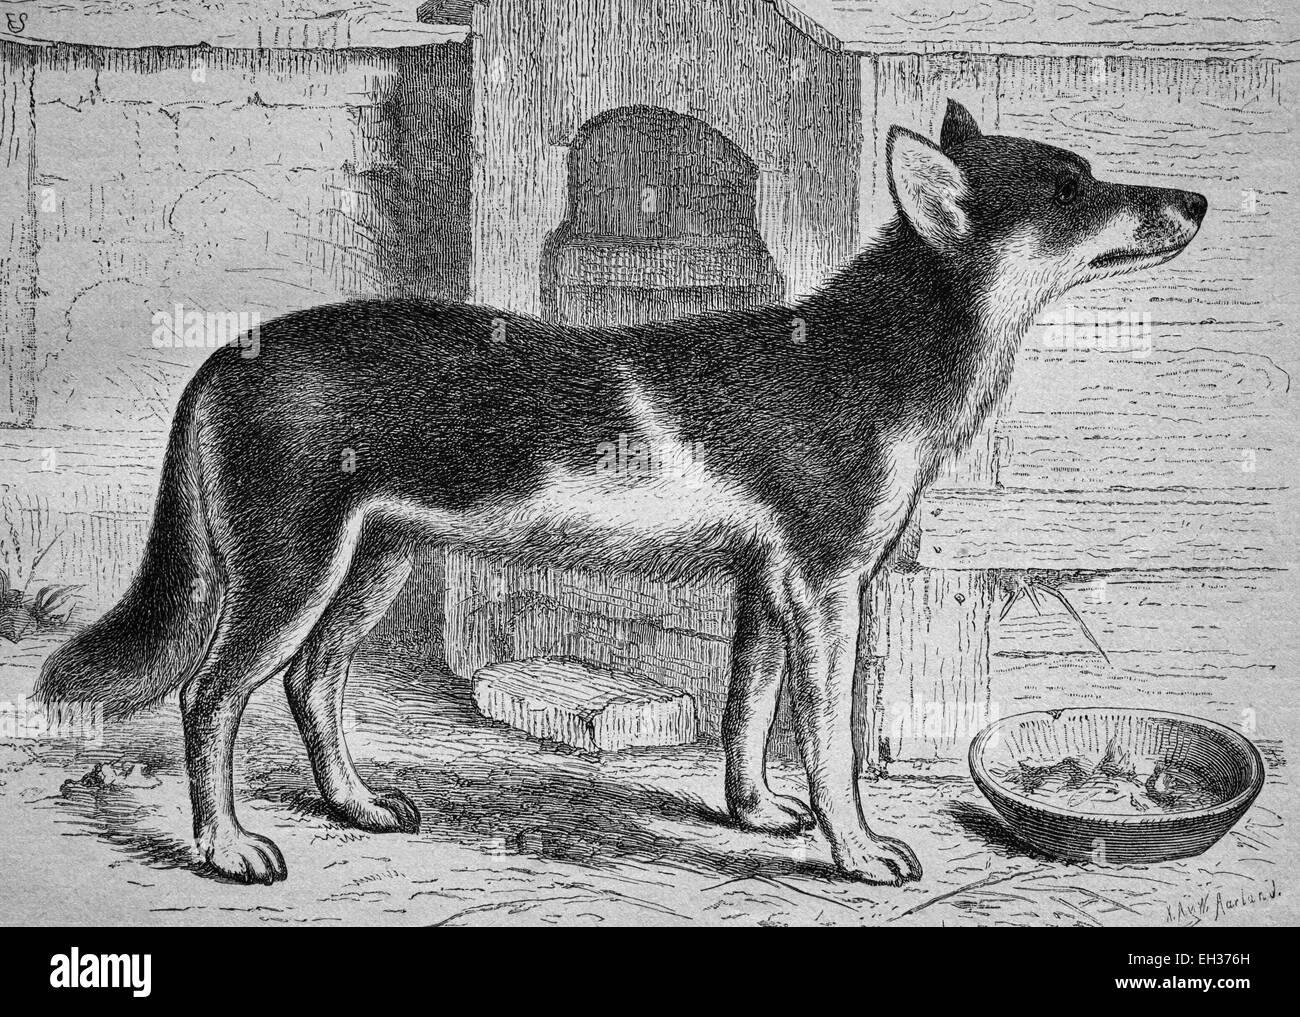 Chukchi Laika, husky, sled dog, woodcut, historical engraving, 1882 - Stock Image